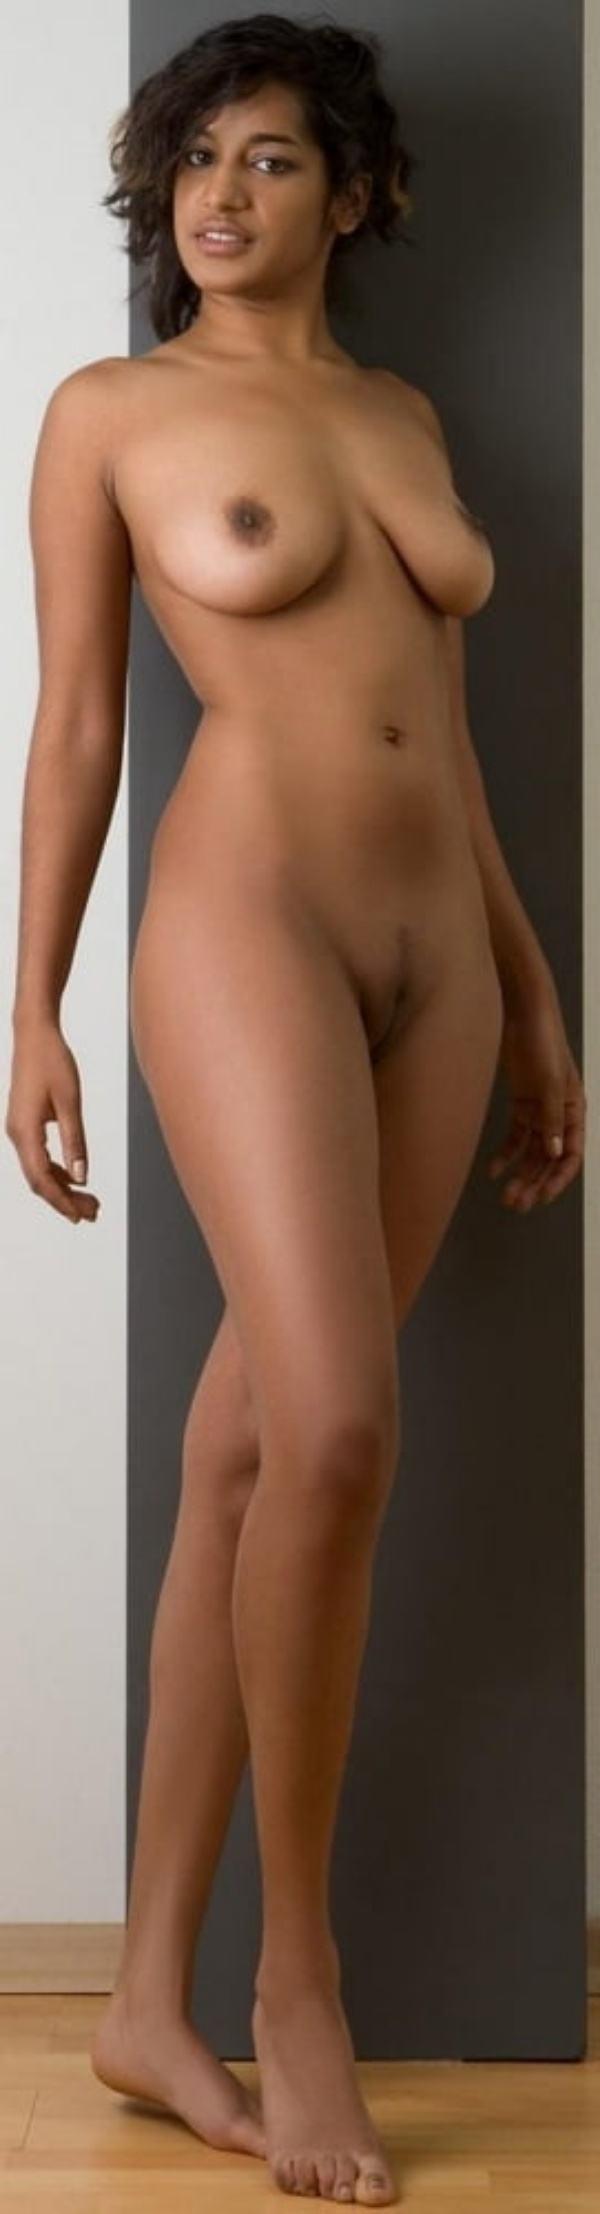 desi nude girls photos tight ass boobs xxx - 45